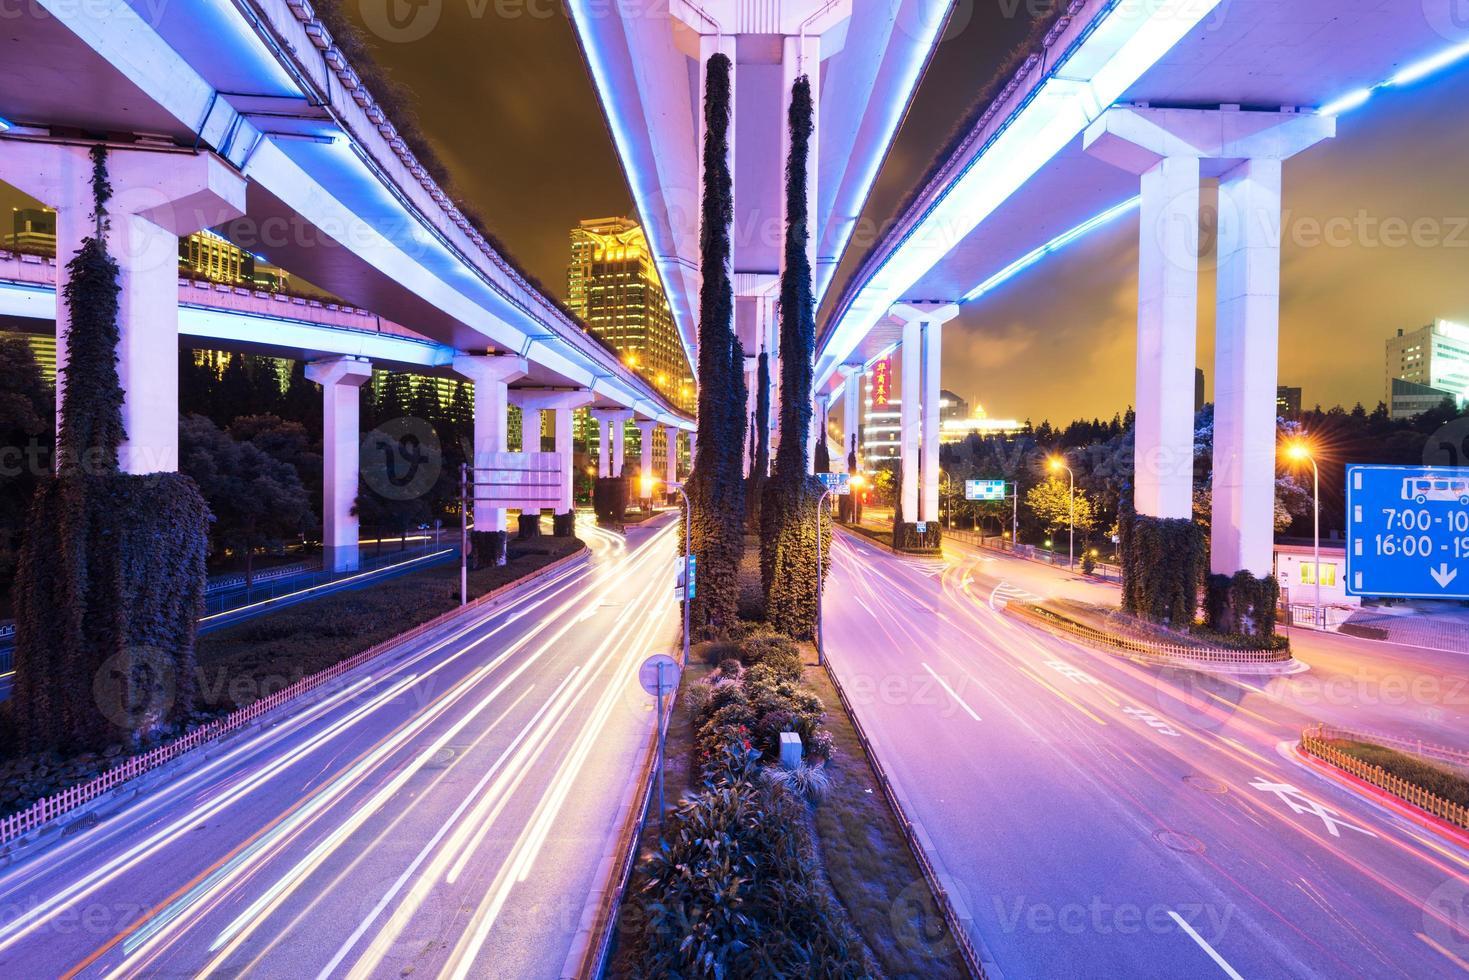 shanghai verhoogde kruising en kruispuntviaduct 's nachts foto